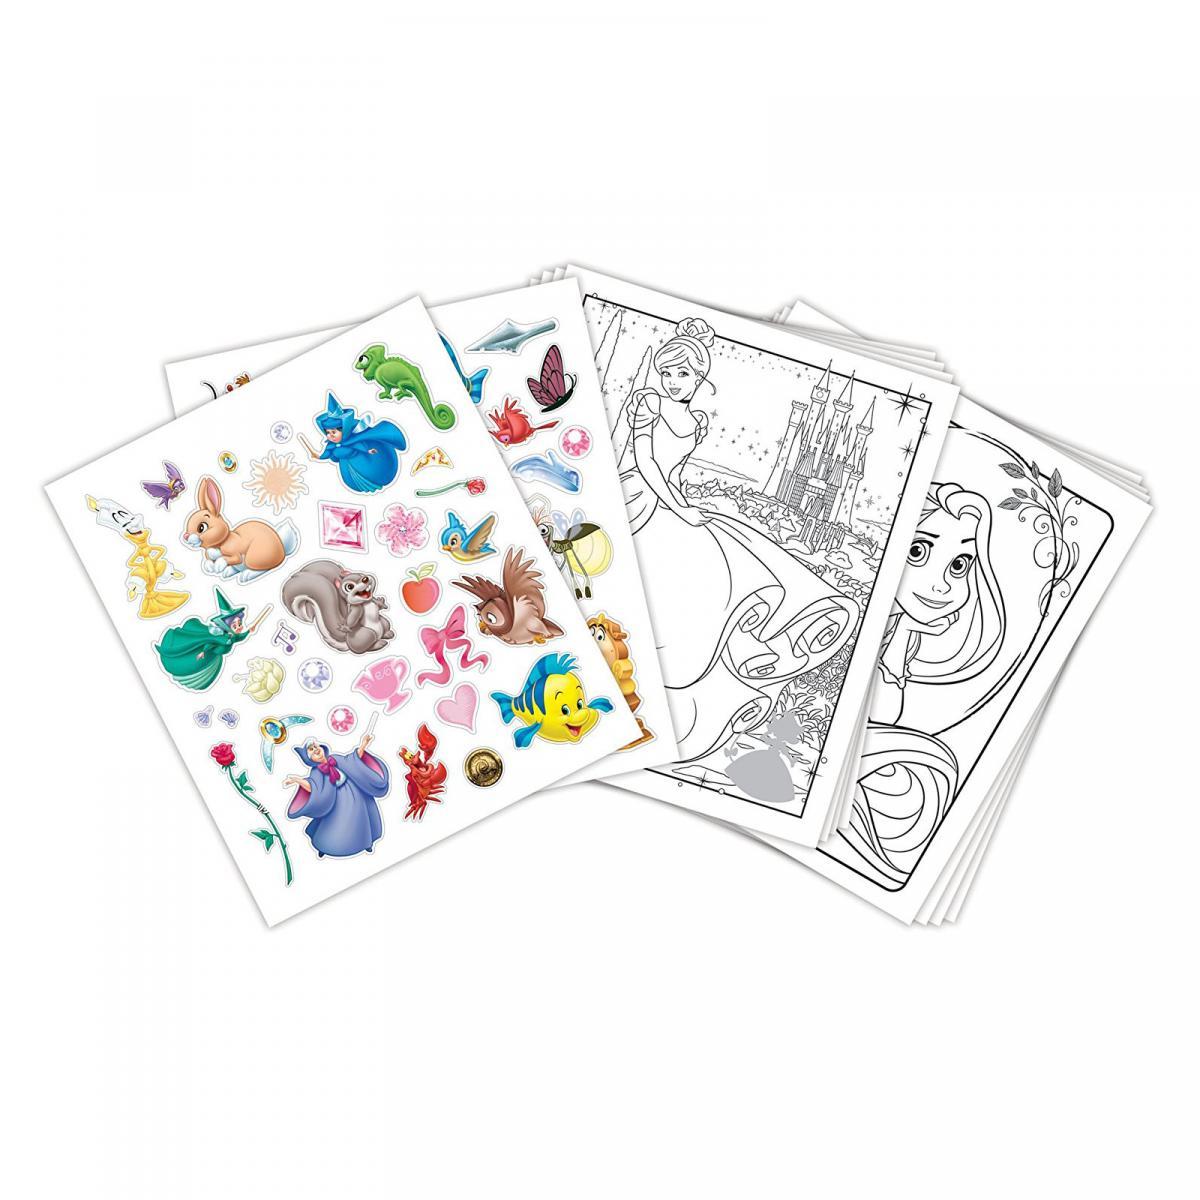 Раскраска Принцессы с наклейками, 48 стр., Crayola (04 ...